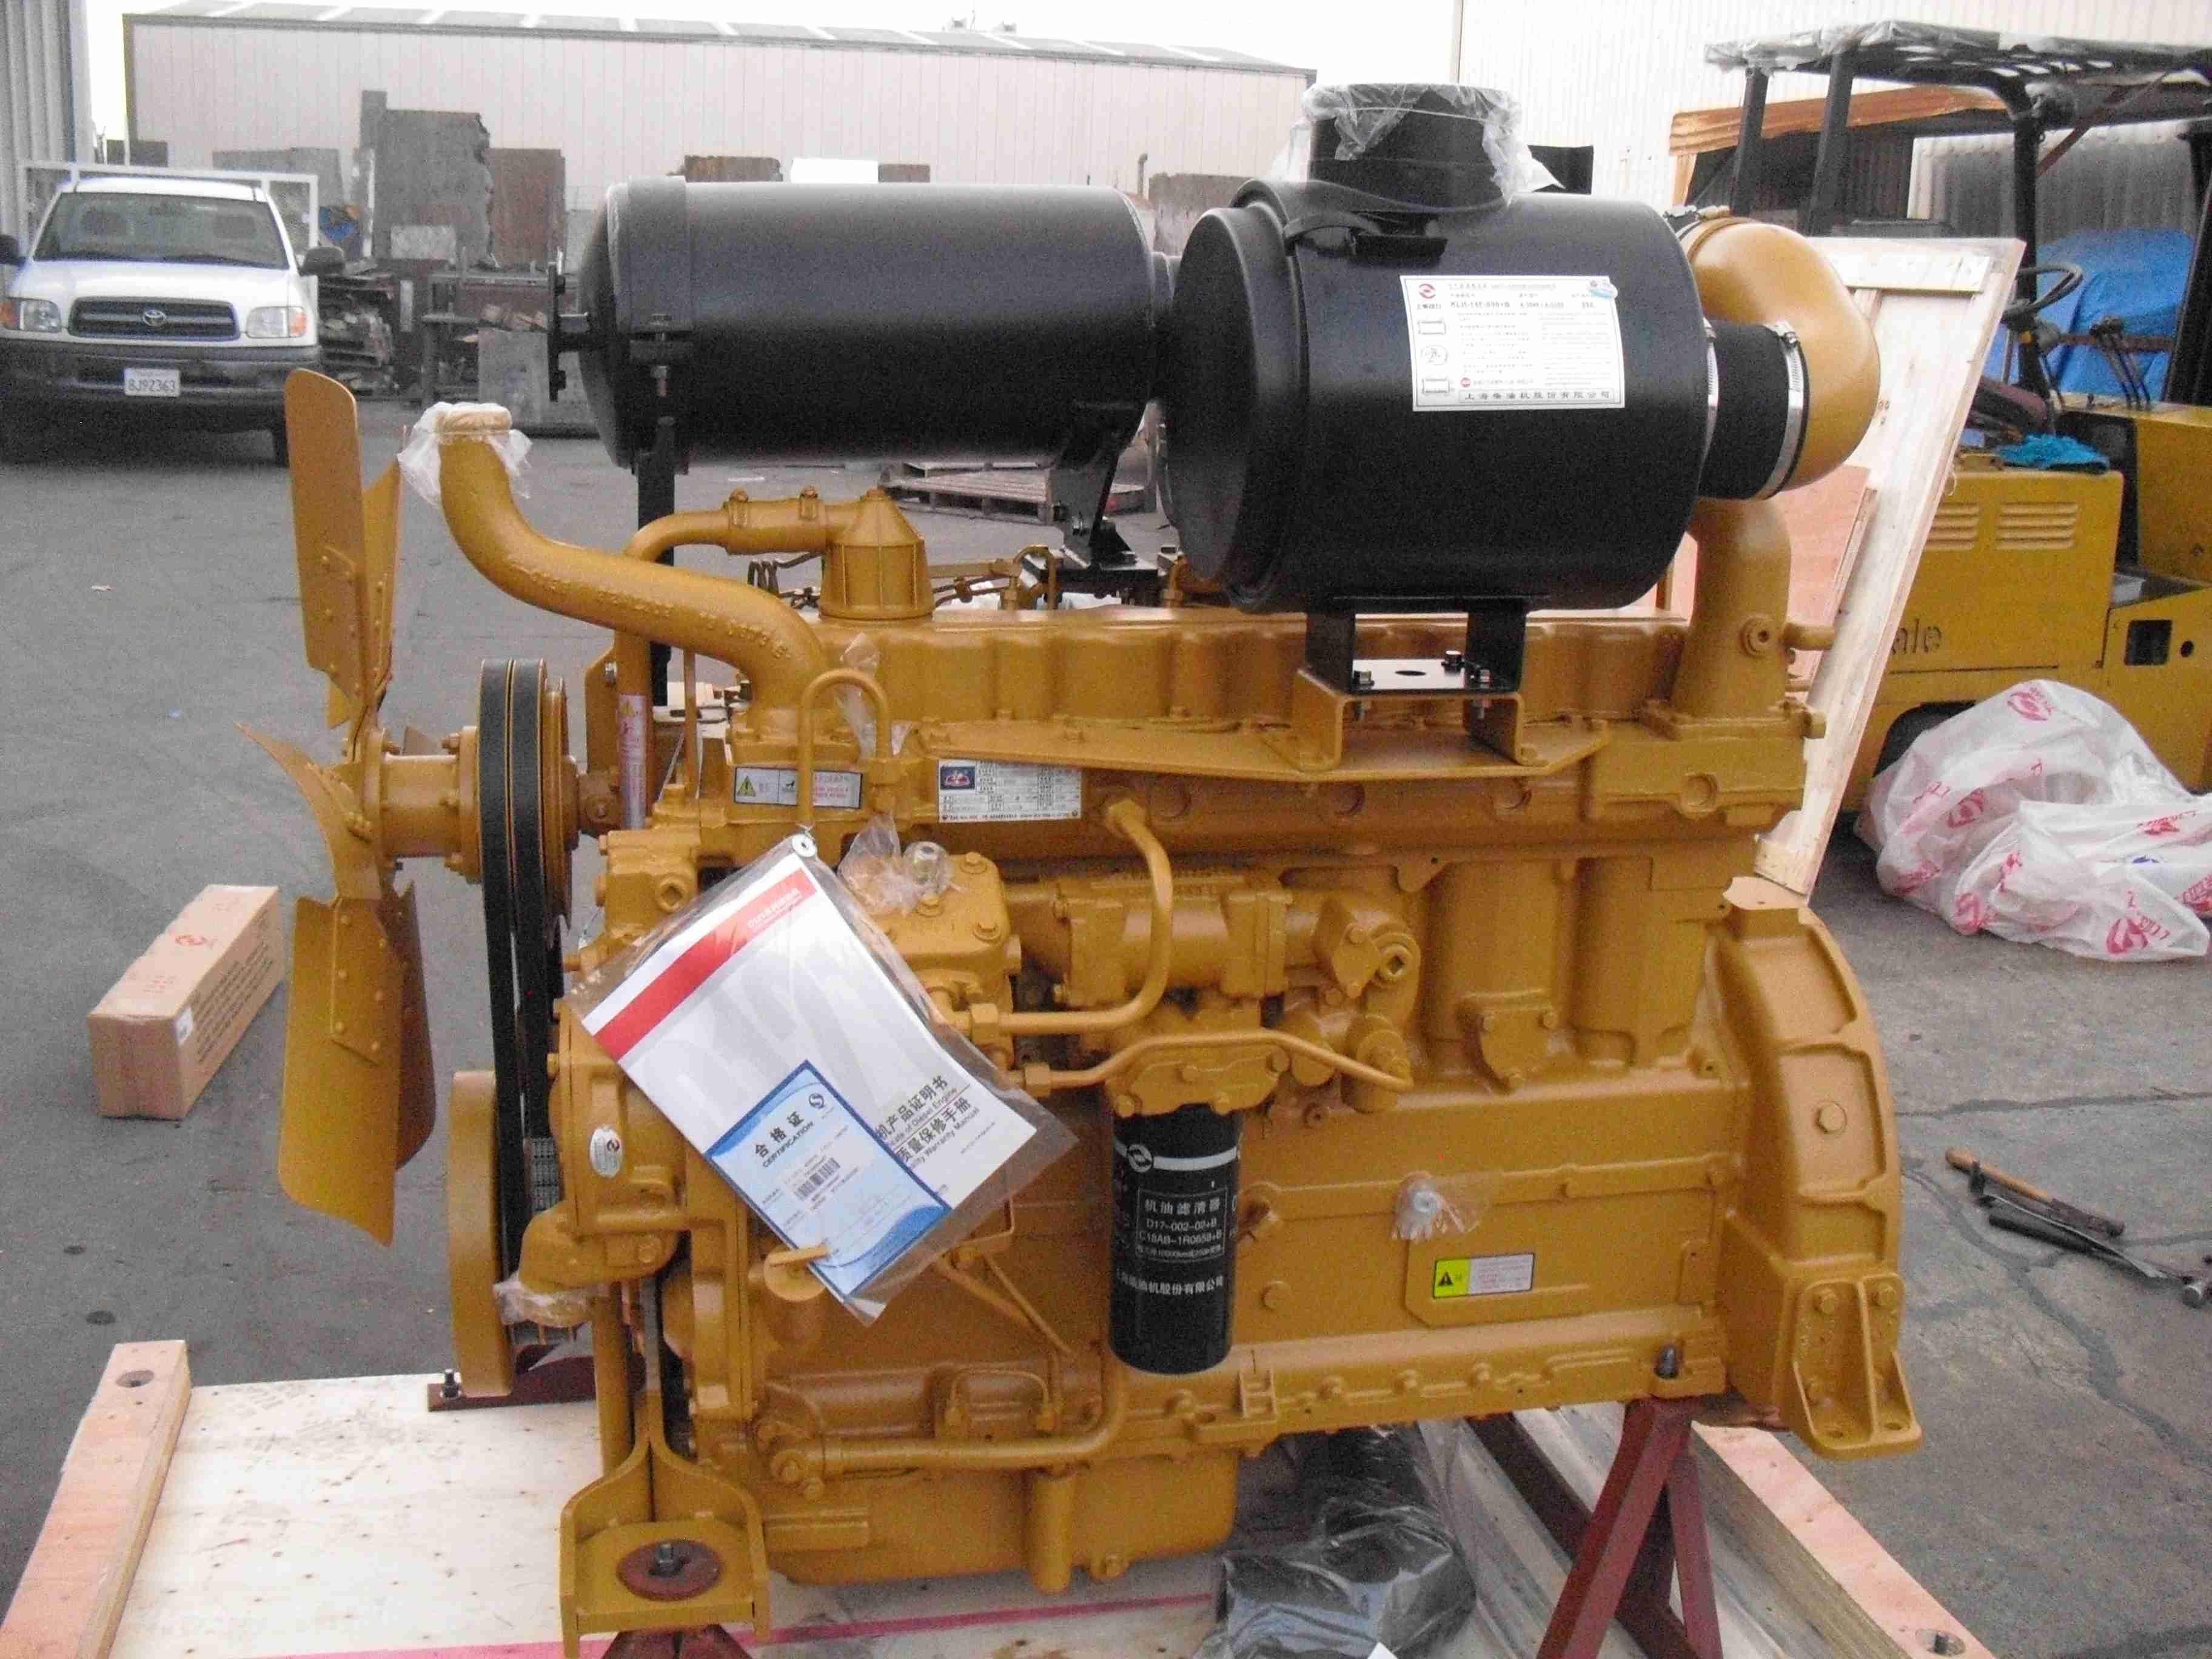 230 Volt Compressor Wiring Diagram  Wiring  Wiring Diagram